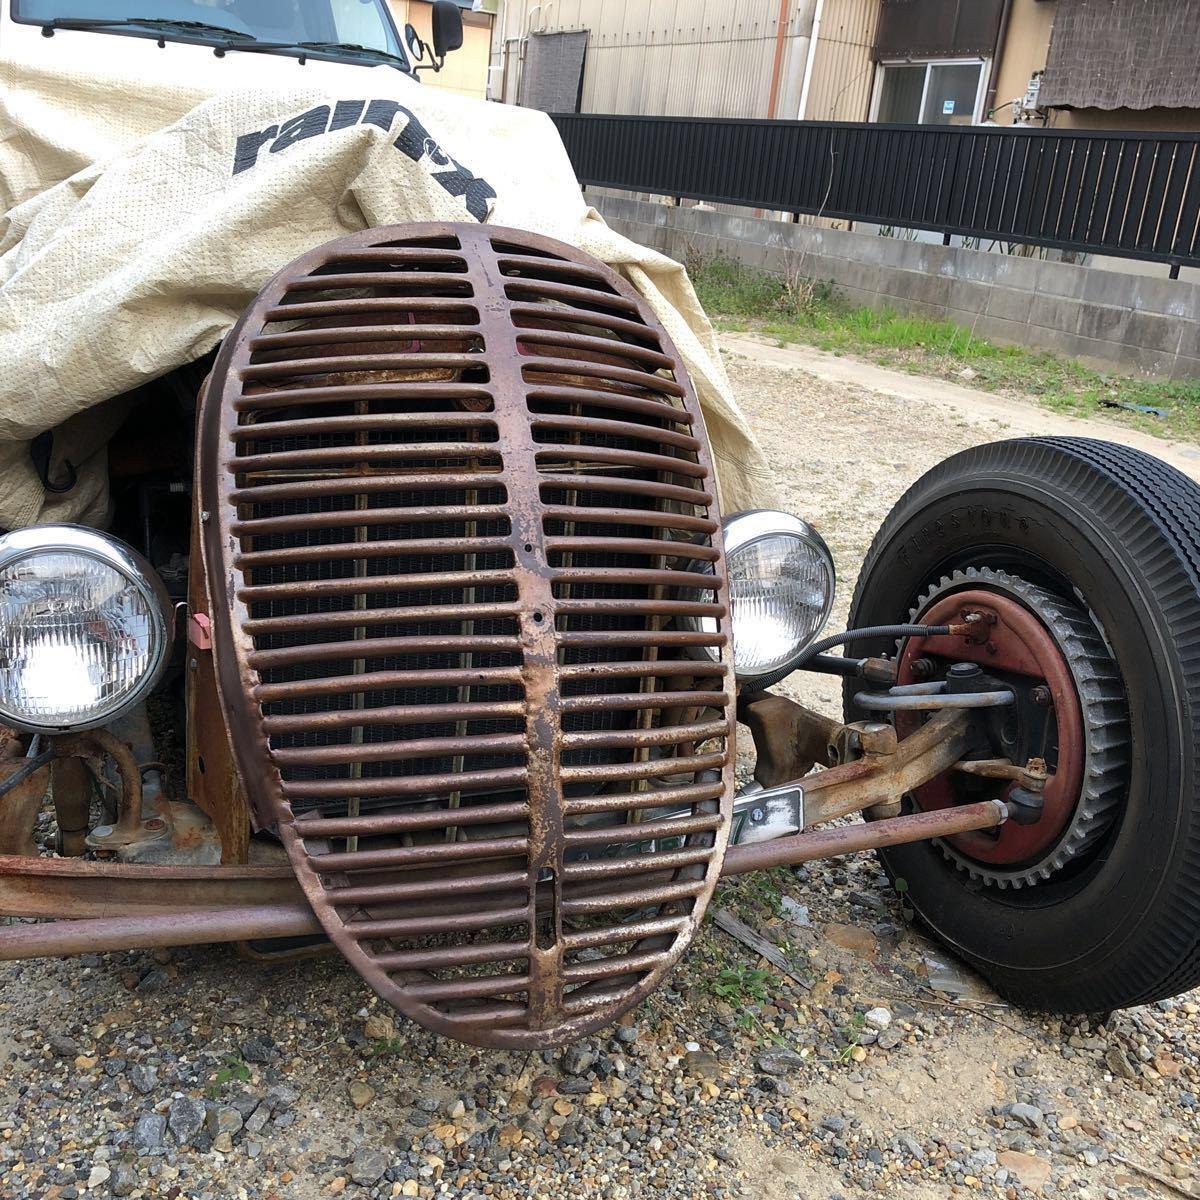 hotrod 30sトラックグリル モデルA モデルT 鉄仮面 ホットロッド_画像1